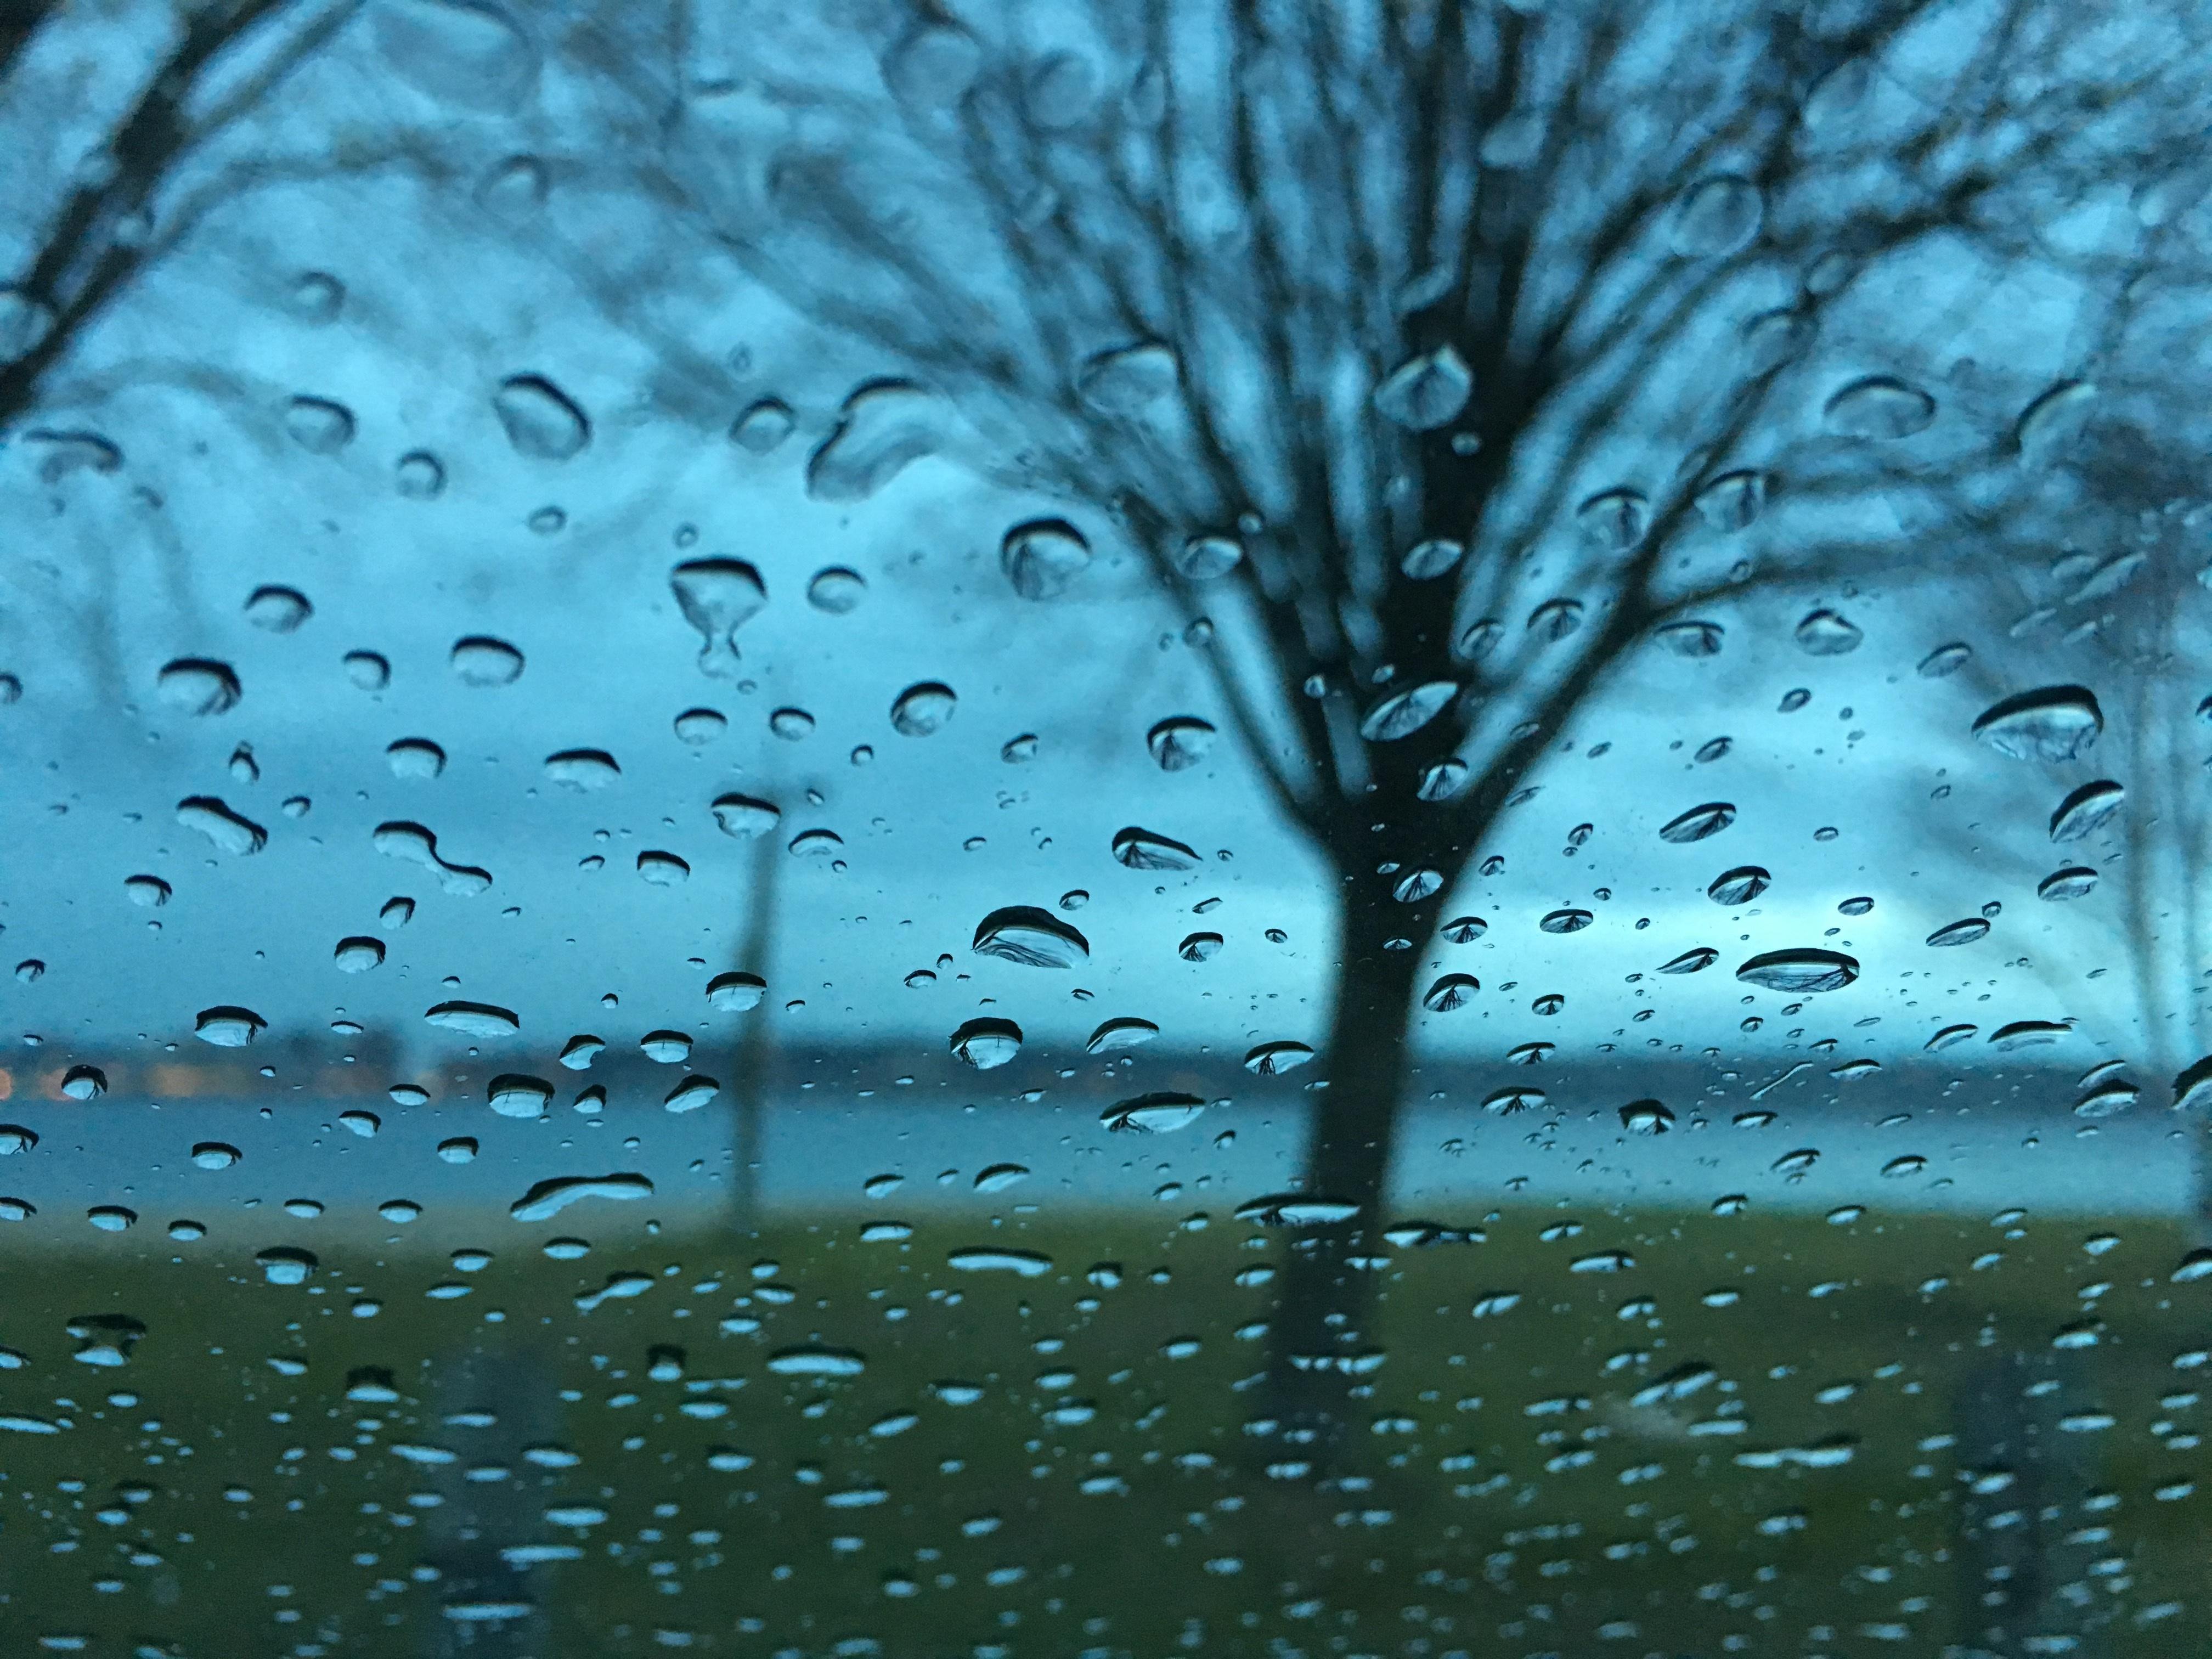 талант картинка погода дождливая фотосессию необходимо